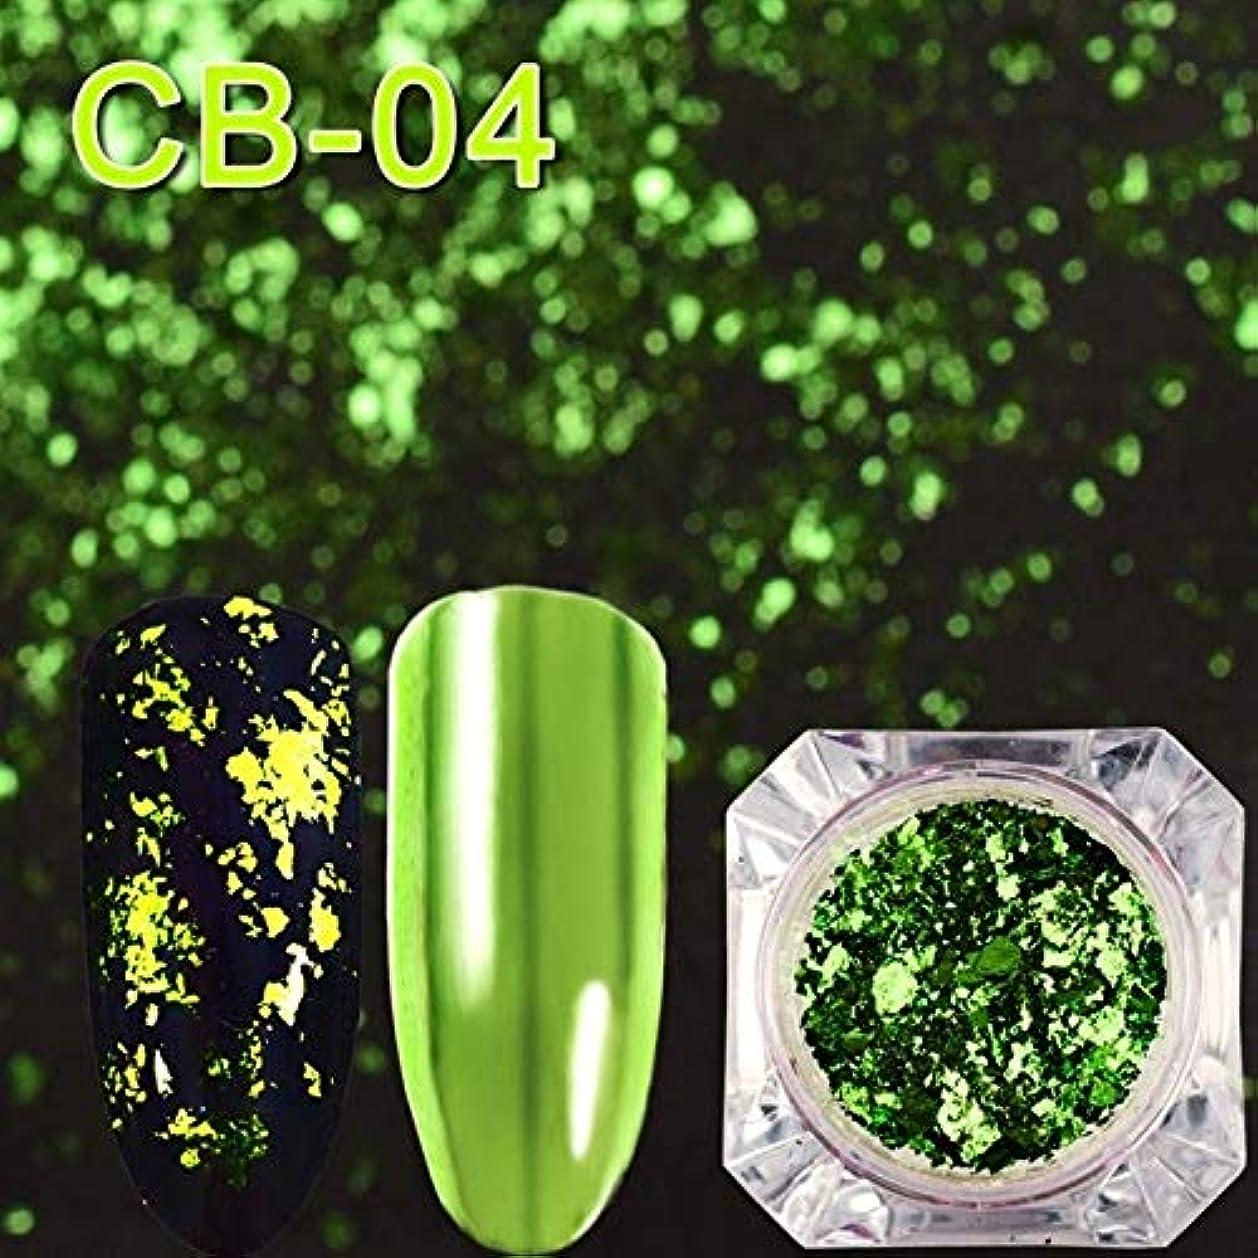 インテリアボアチャーターCELINEZL CELINEZL 3 PCSマジックミラーカメレオングリッターネイルフレークスパンコール不規則なネイルデコレーション(CB01) (色 : CB04)